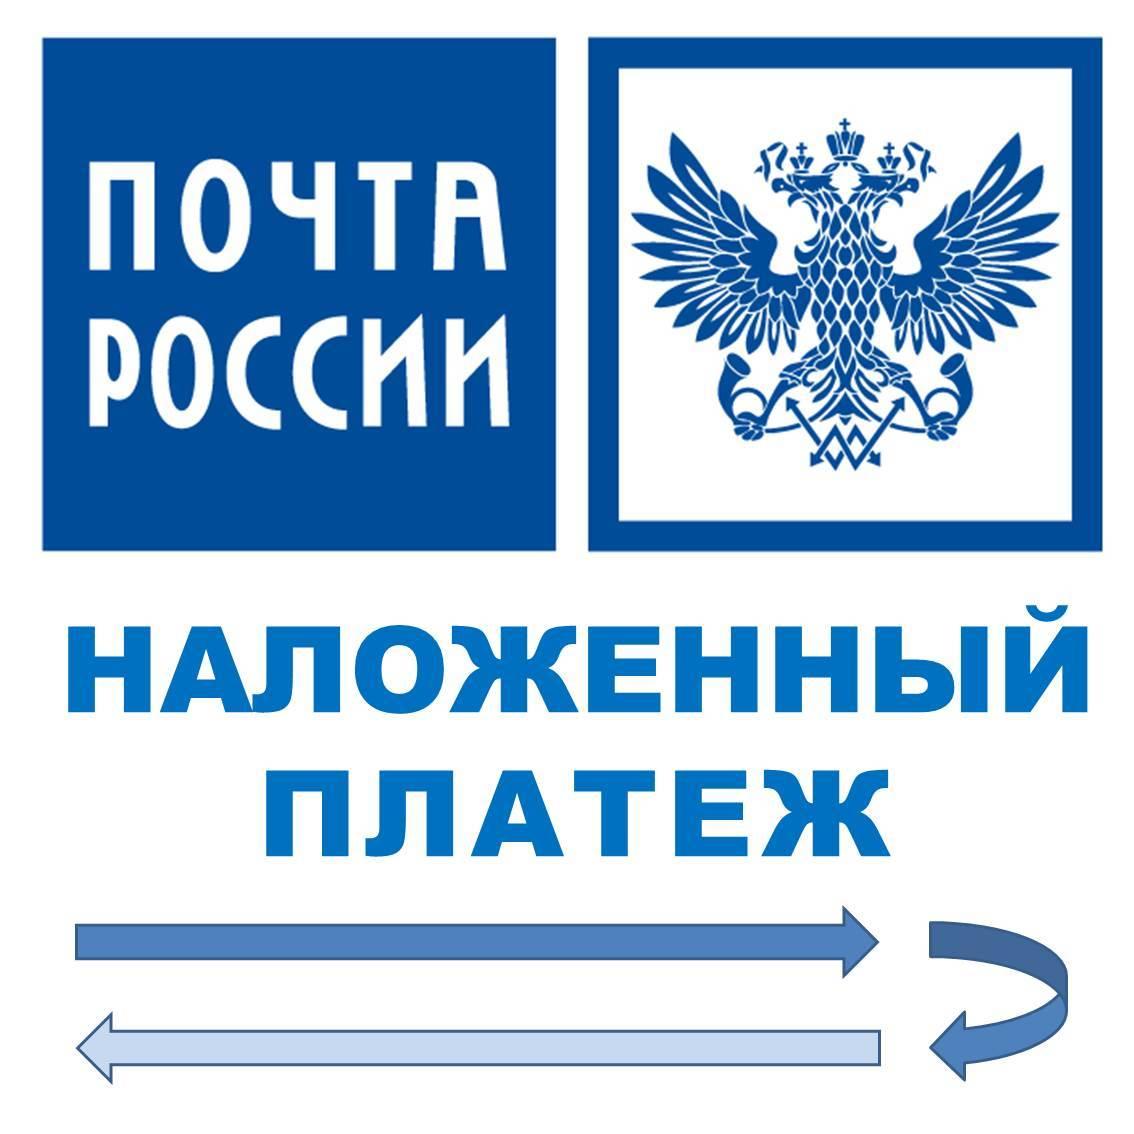 Наложенный платеж для Почты России